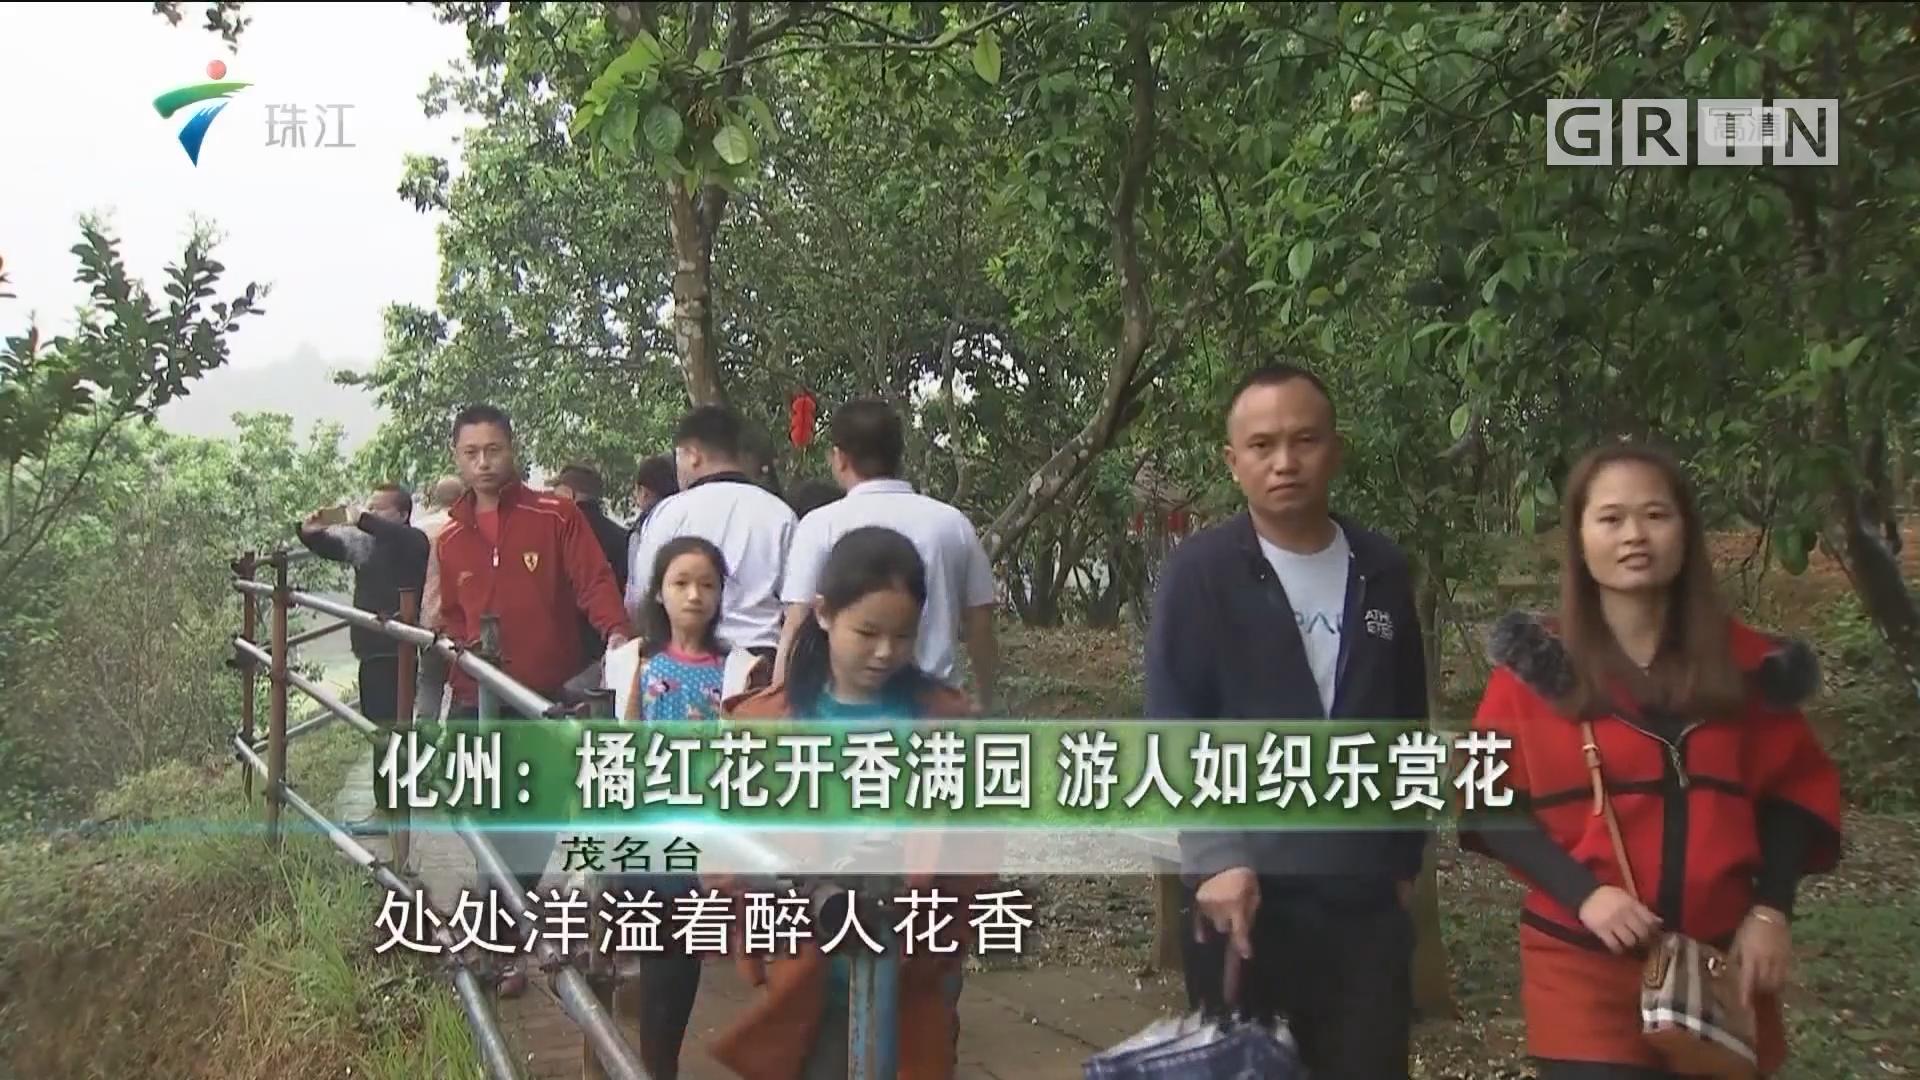 化州:橘红花开香满园 游人如织乐赏花